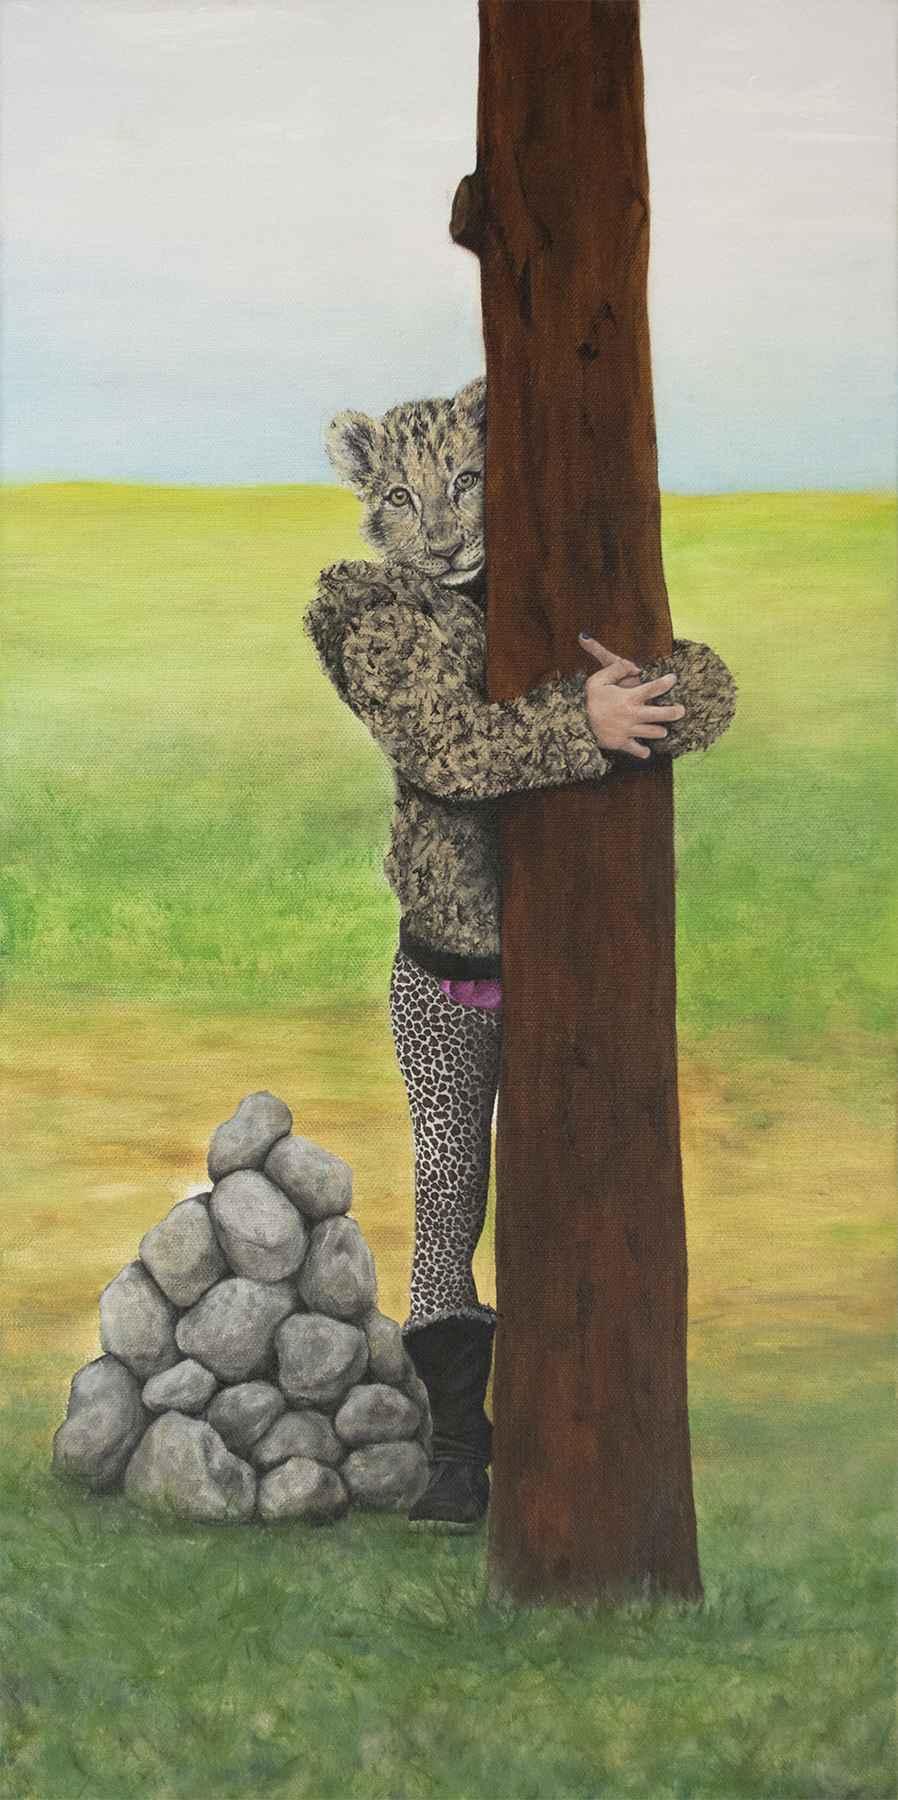 Tree Hugger by Ms. Raquel Fornasaro - Masterpiece Online